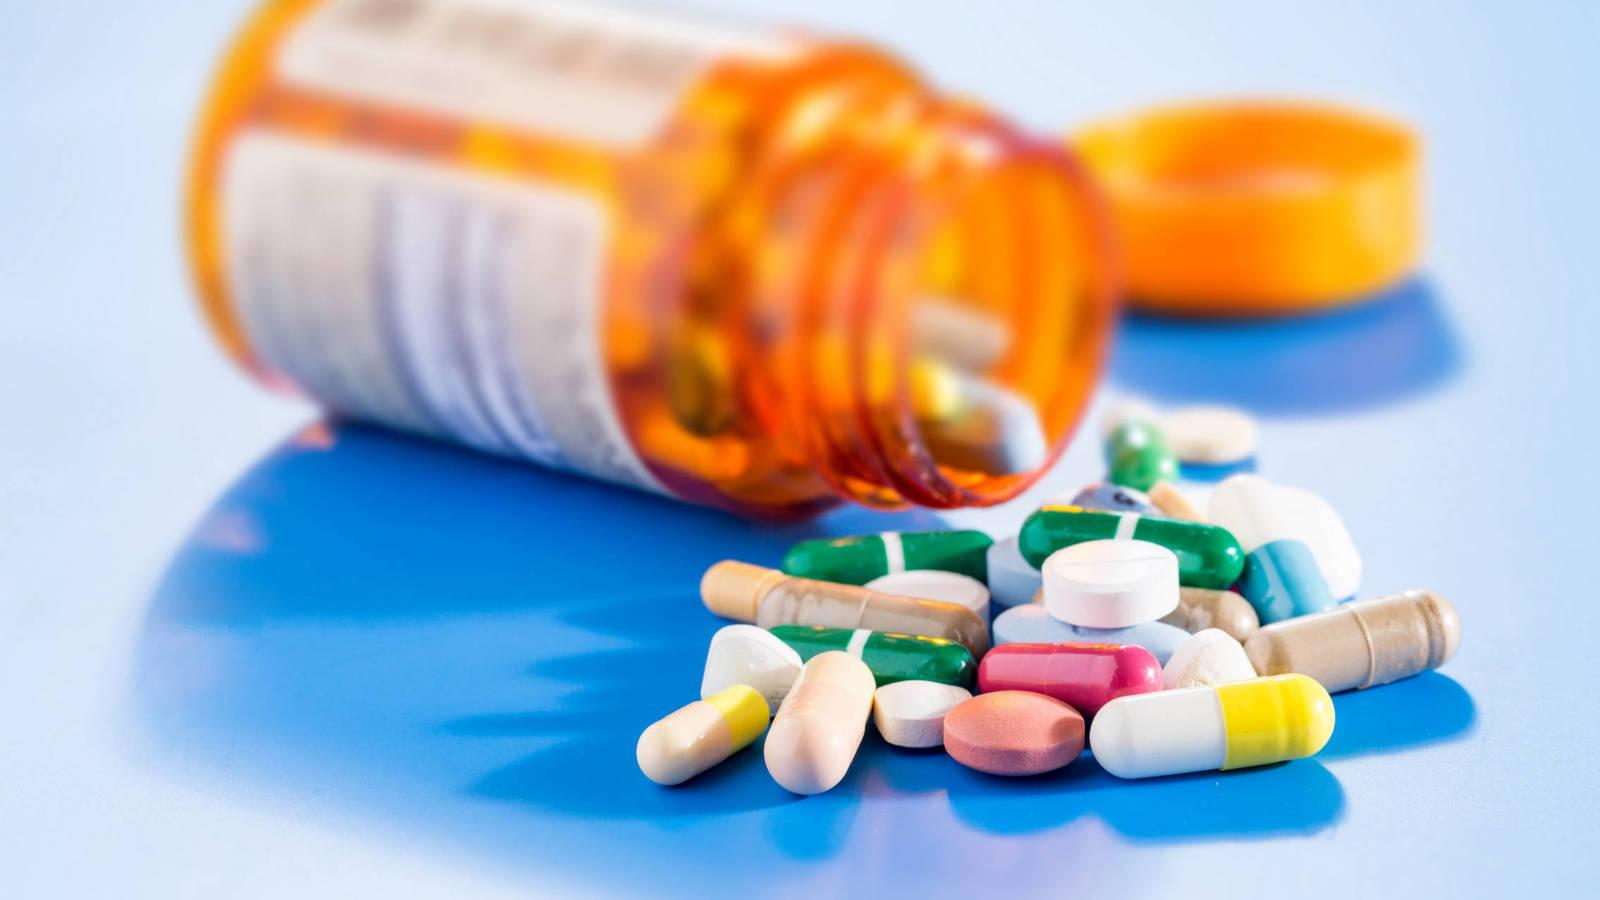 Farmacéuticos tienen hasta 4 licitaciones que expiran entre marzo y abril